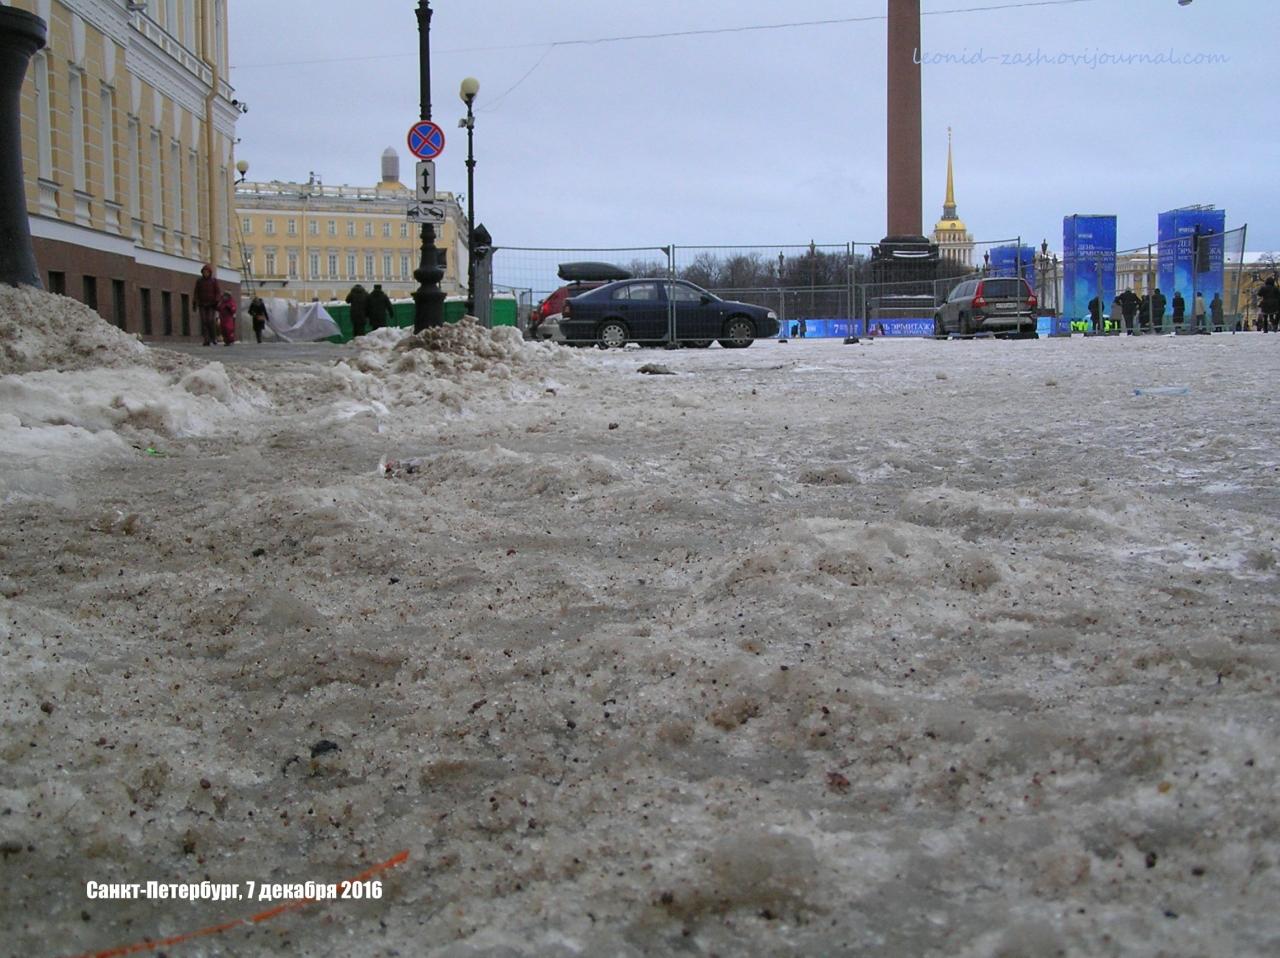 Санкт-Петербург Дворцовая площадь 64.JPG